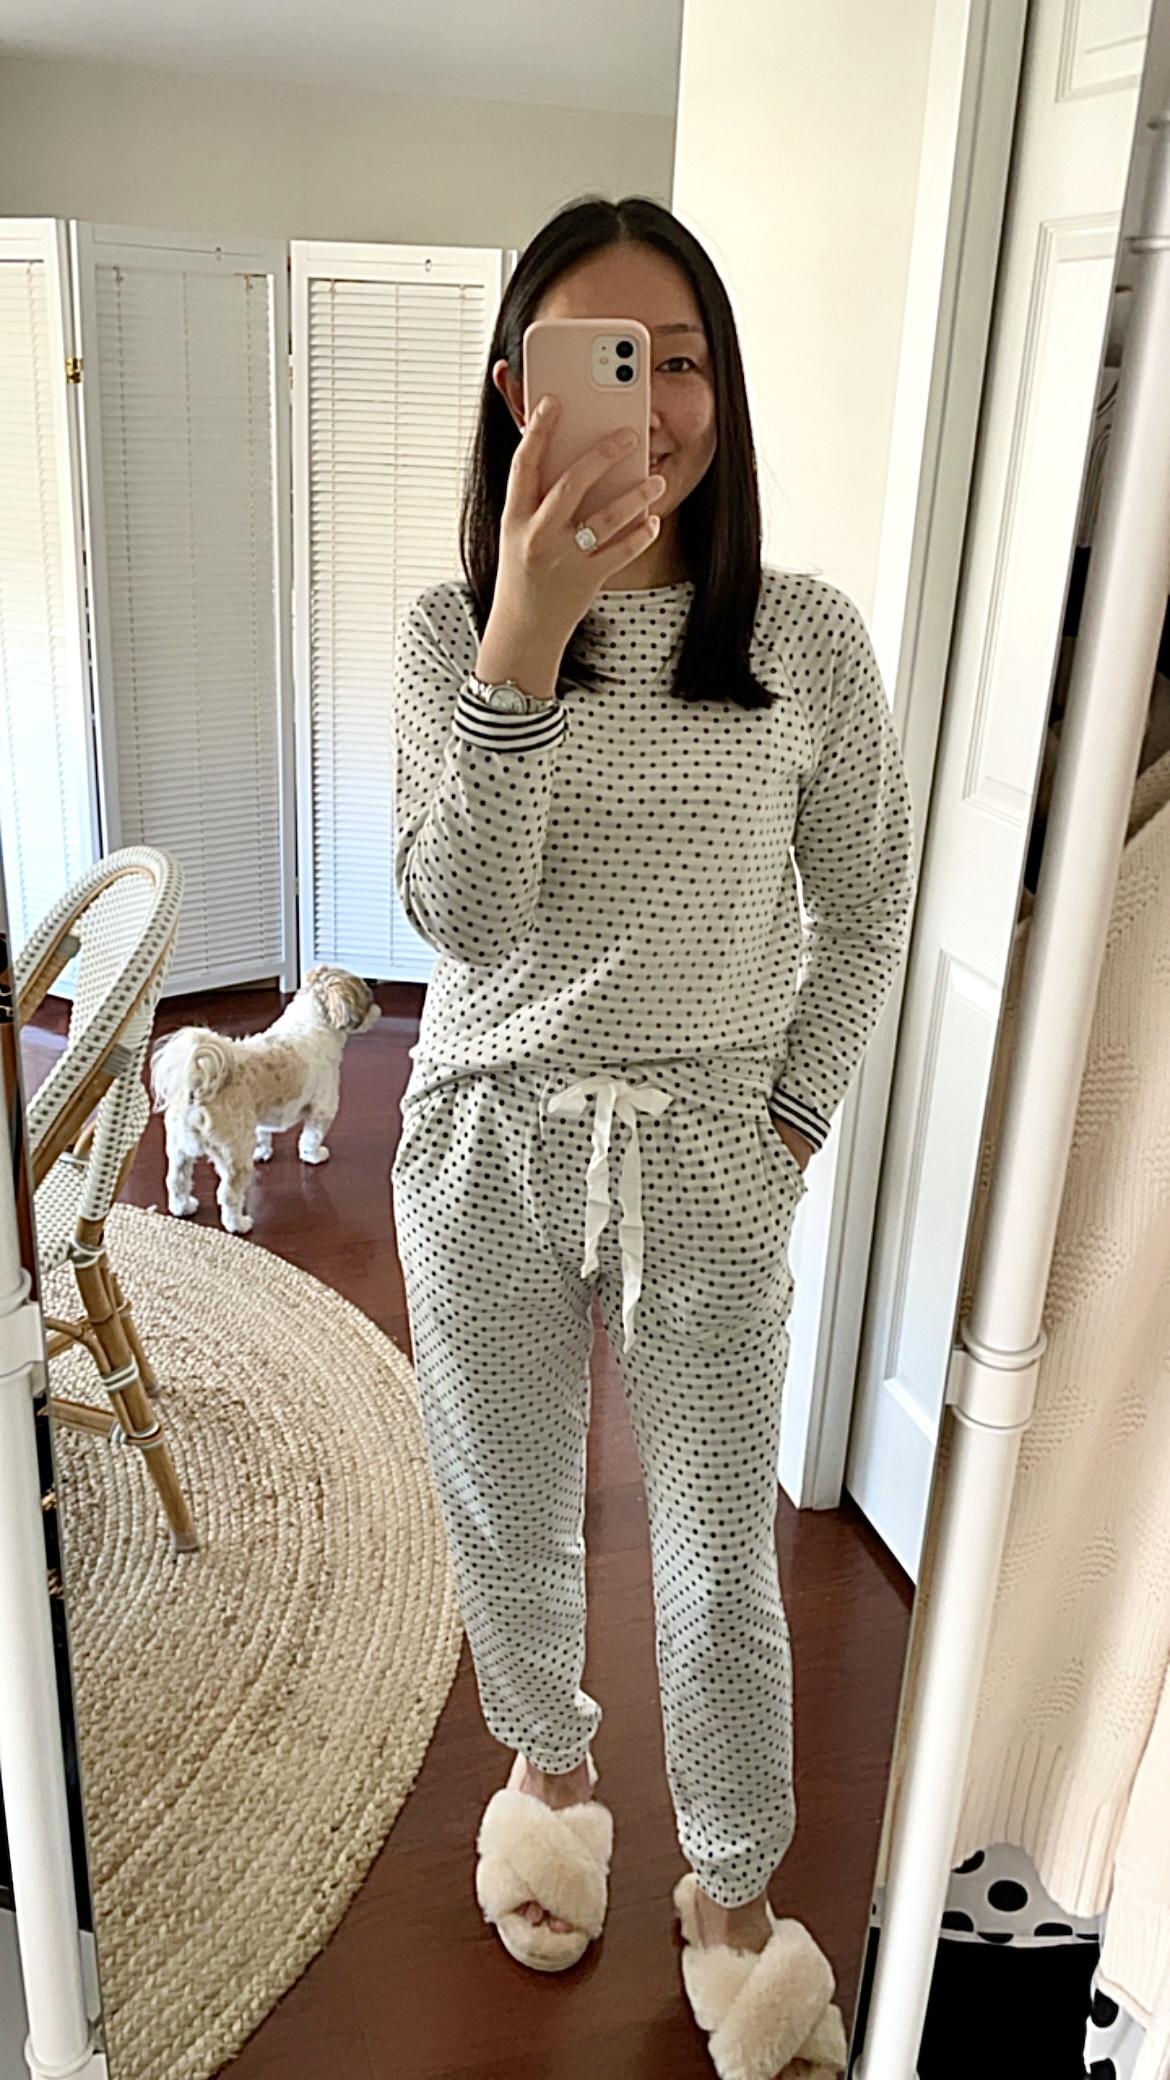 LOFT Dotted Cozy Pajama Joggers, size XXS regular